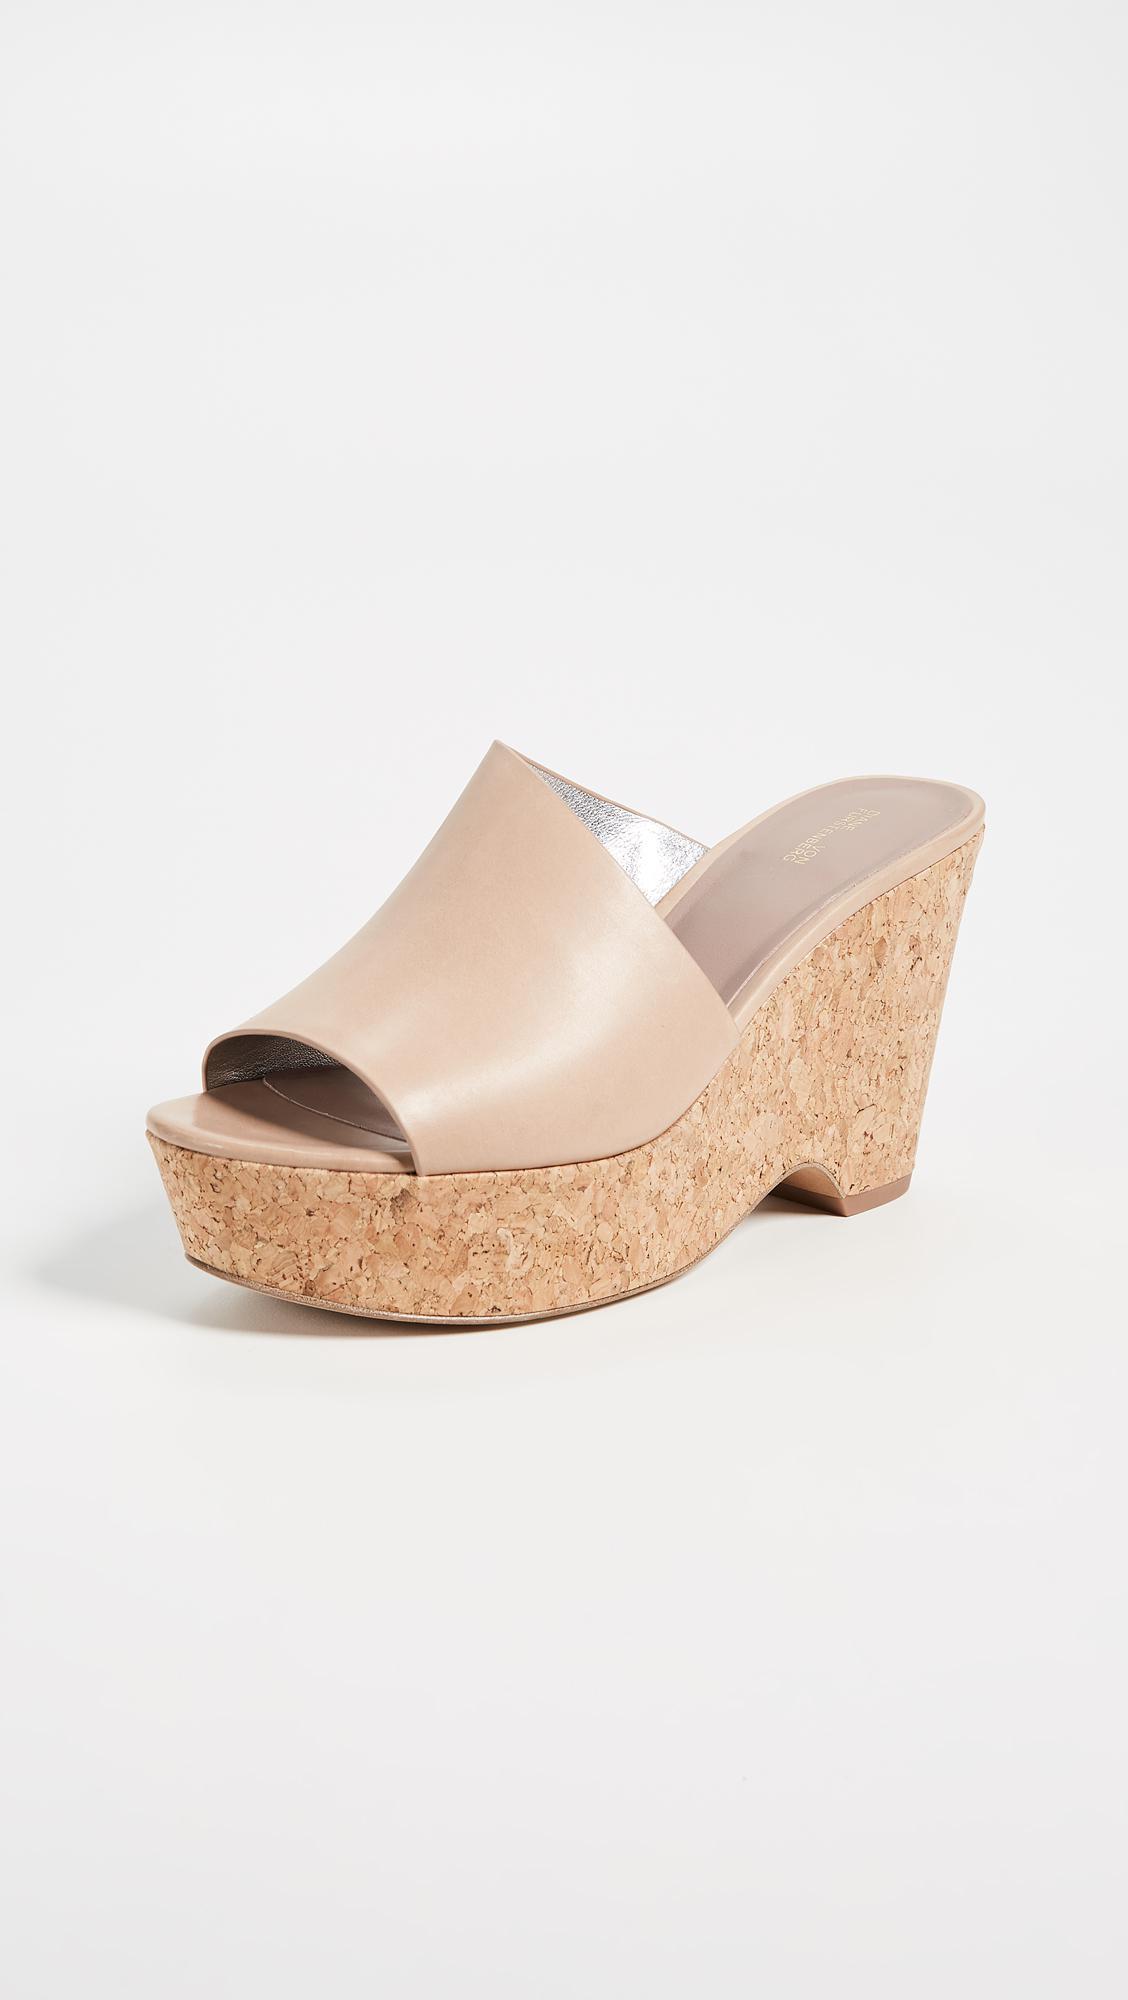 Diane von Furstenberg Women's Bonnie Wedge Slide Sandal BIwQs